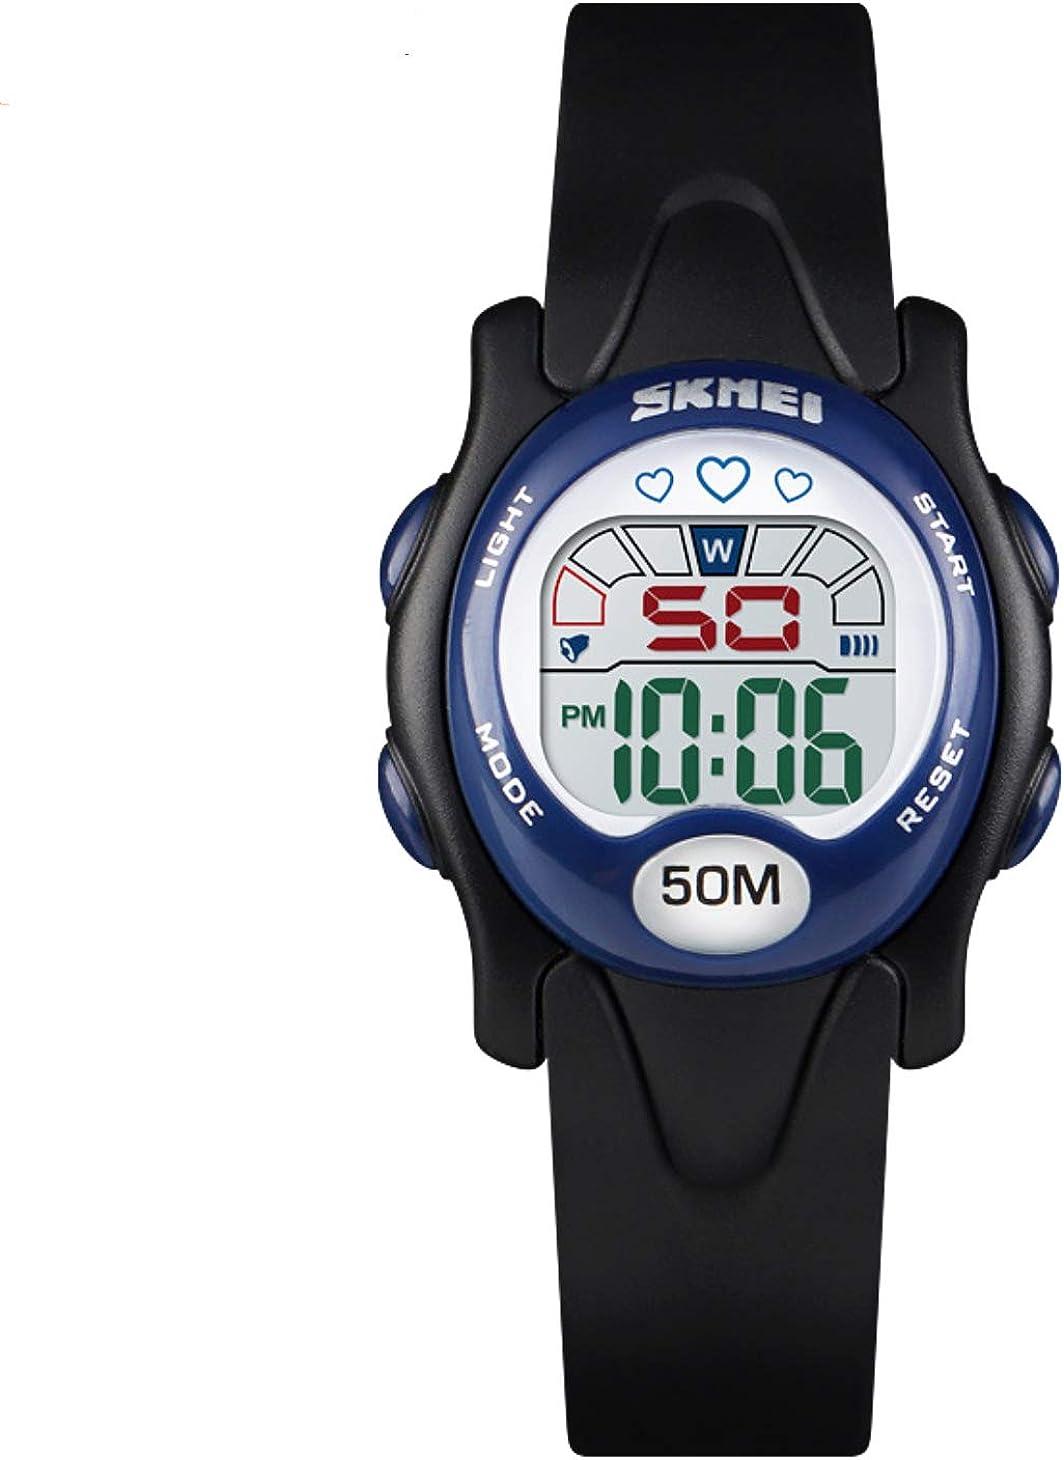 Relojes digitales para niños y niñas de 3 a 10 años, sumergibles a 50 m, con alarma y cronómetro, reloj de pulsera, regalo para niños pequeños y niñas: Amazon.es: Relojes